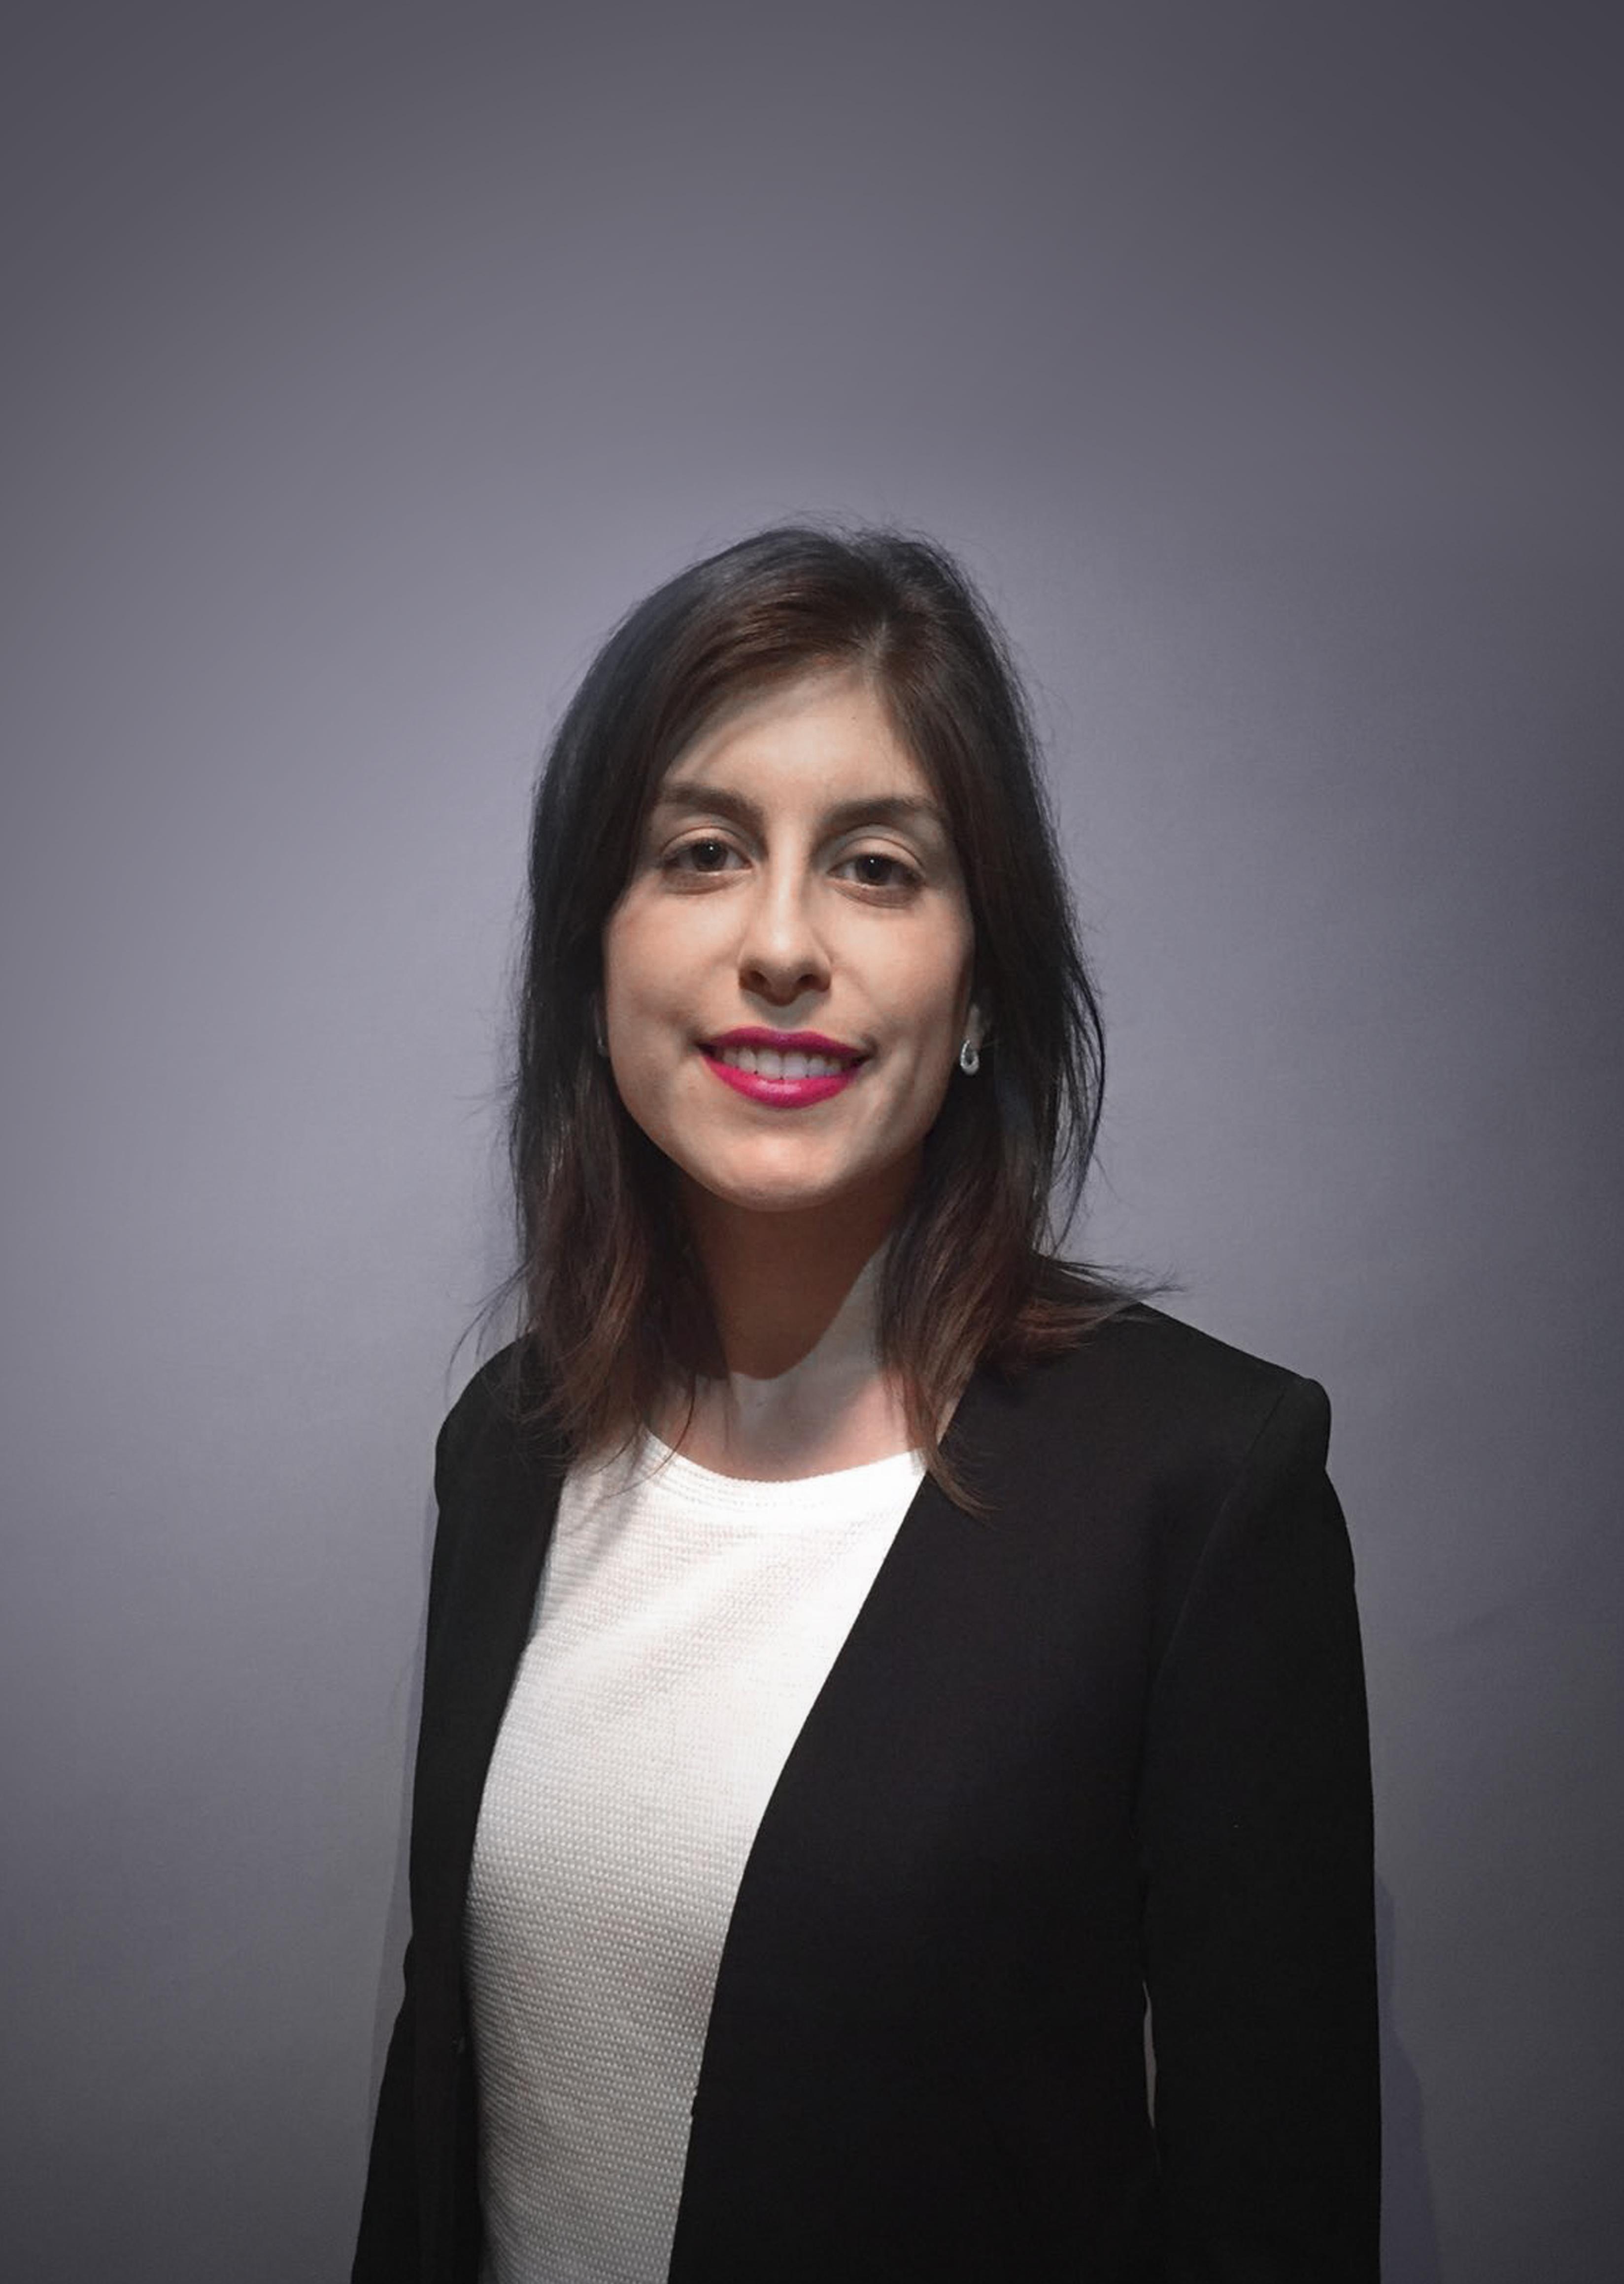 Nerea Liñana Bosch